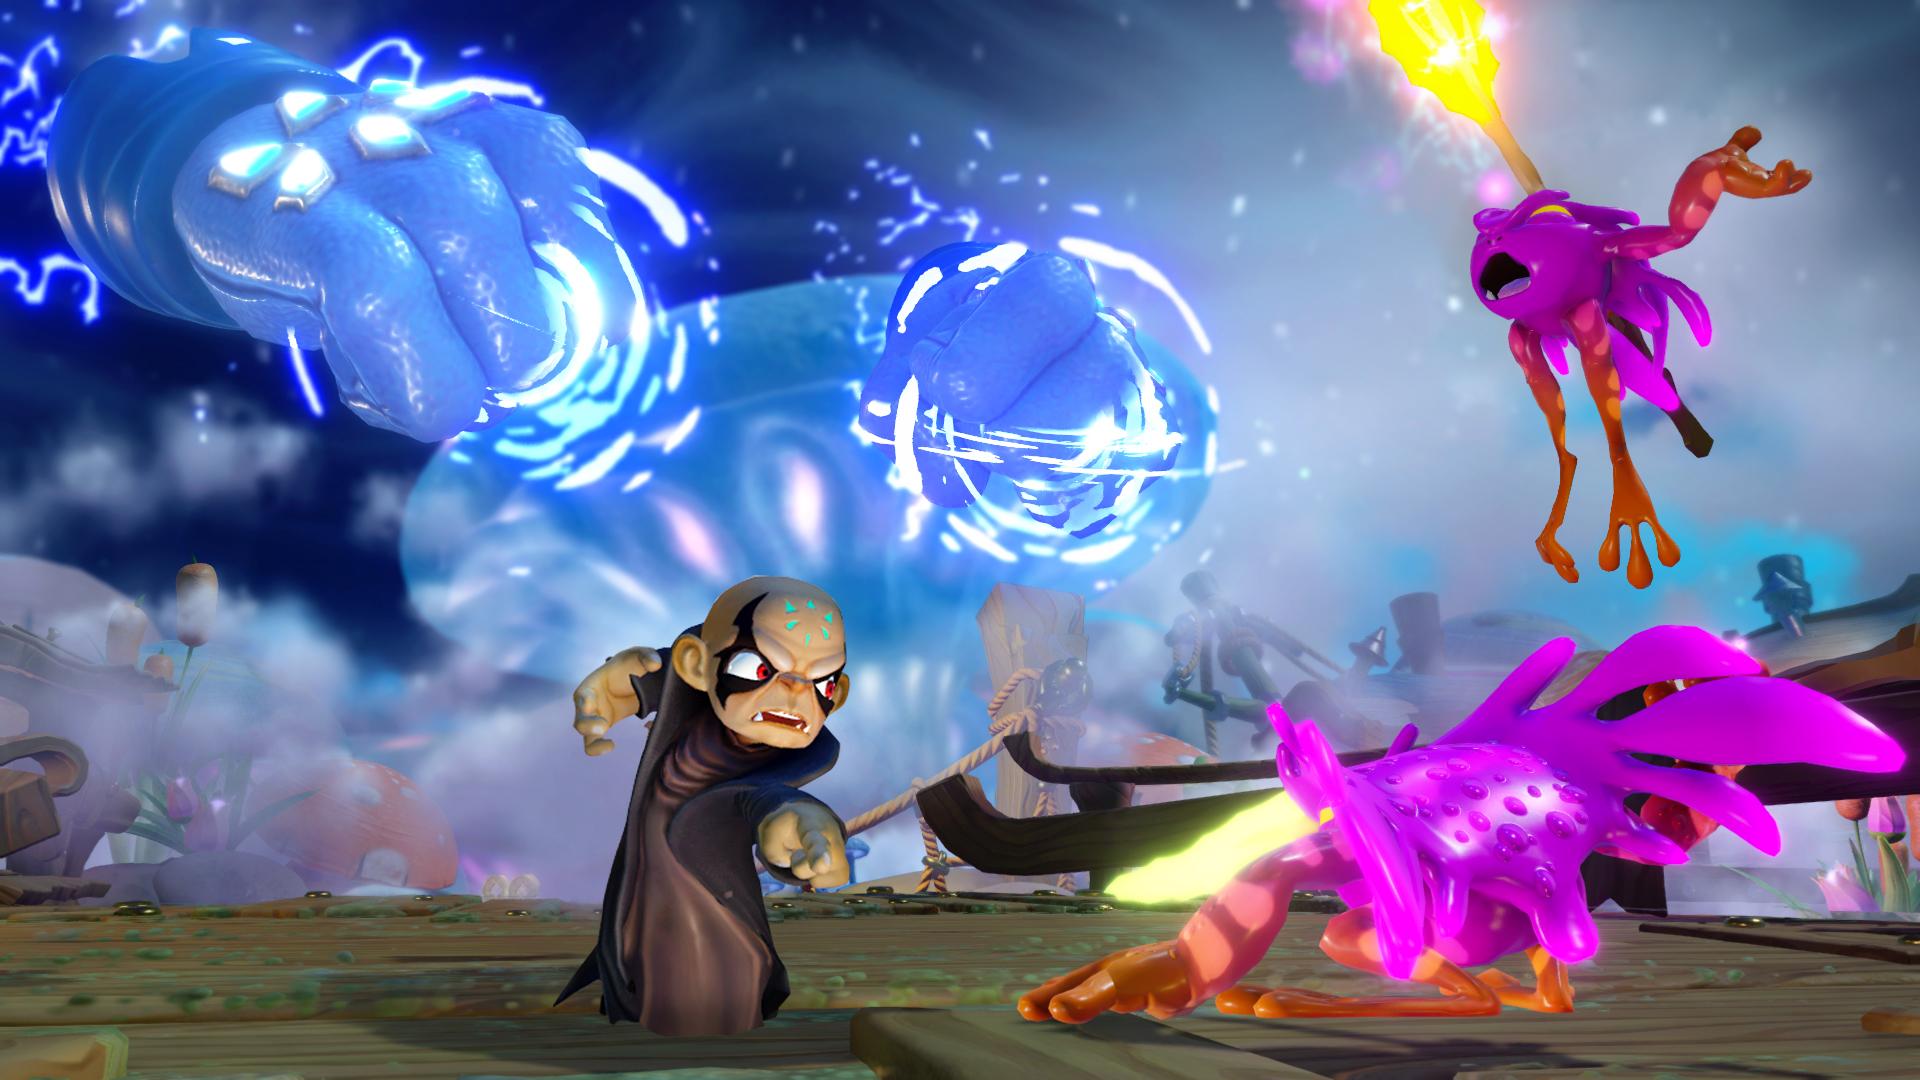 Kaos is playable in Skylanders Imaginators.